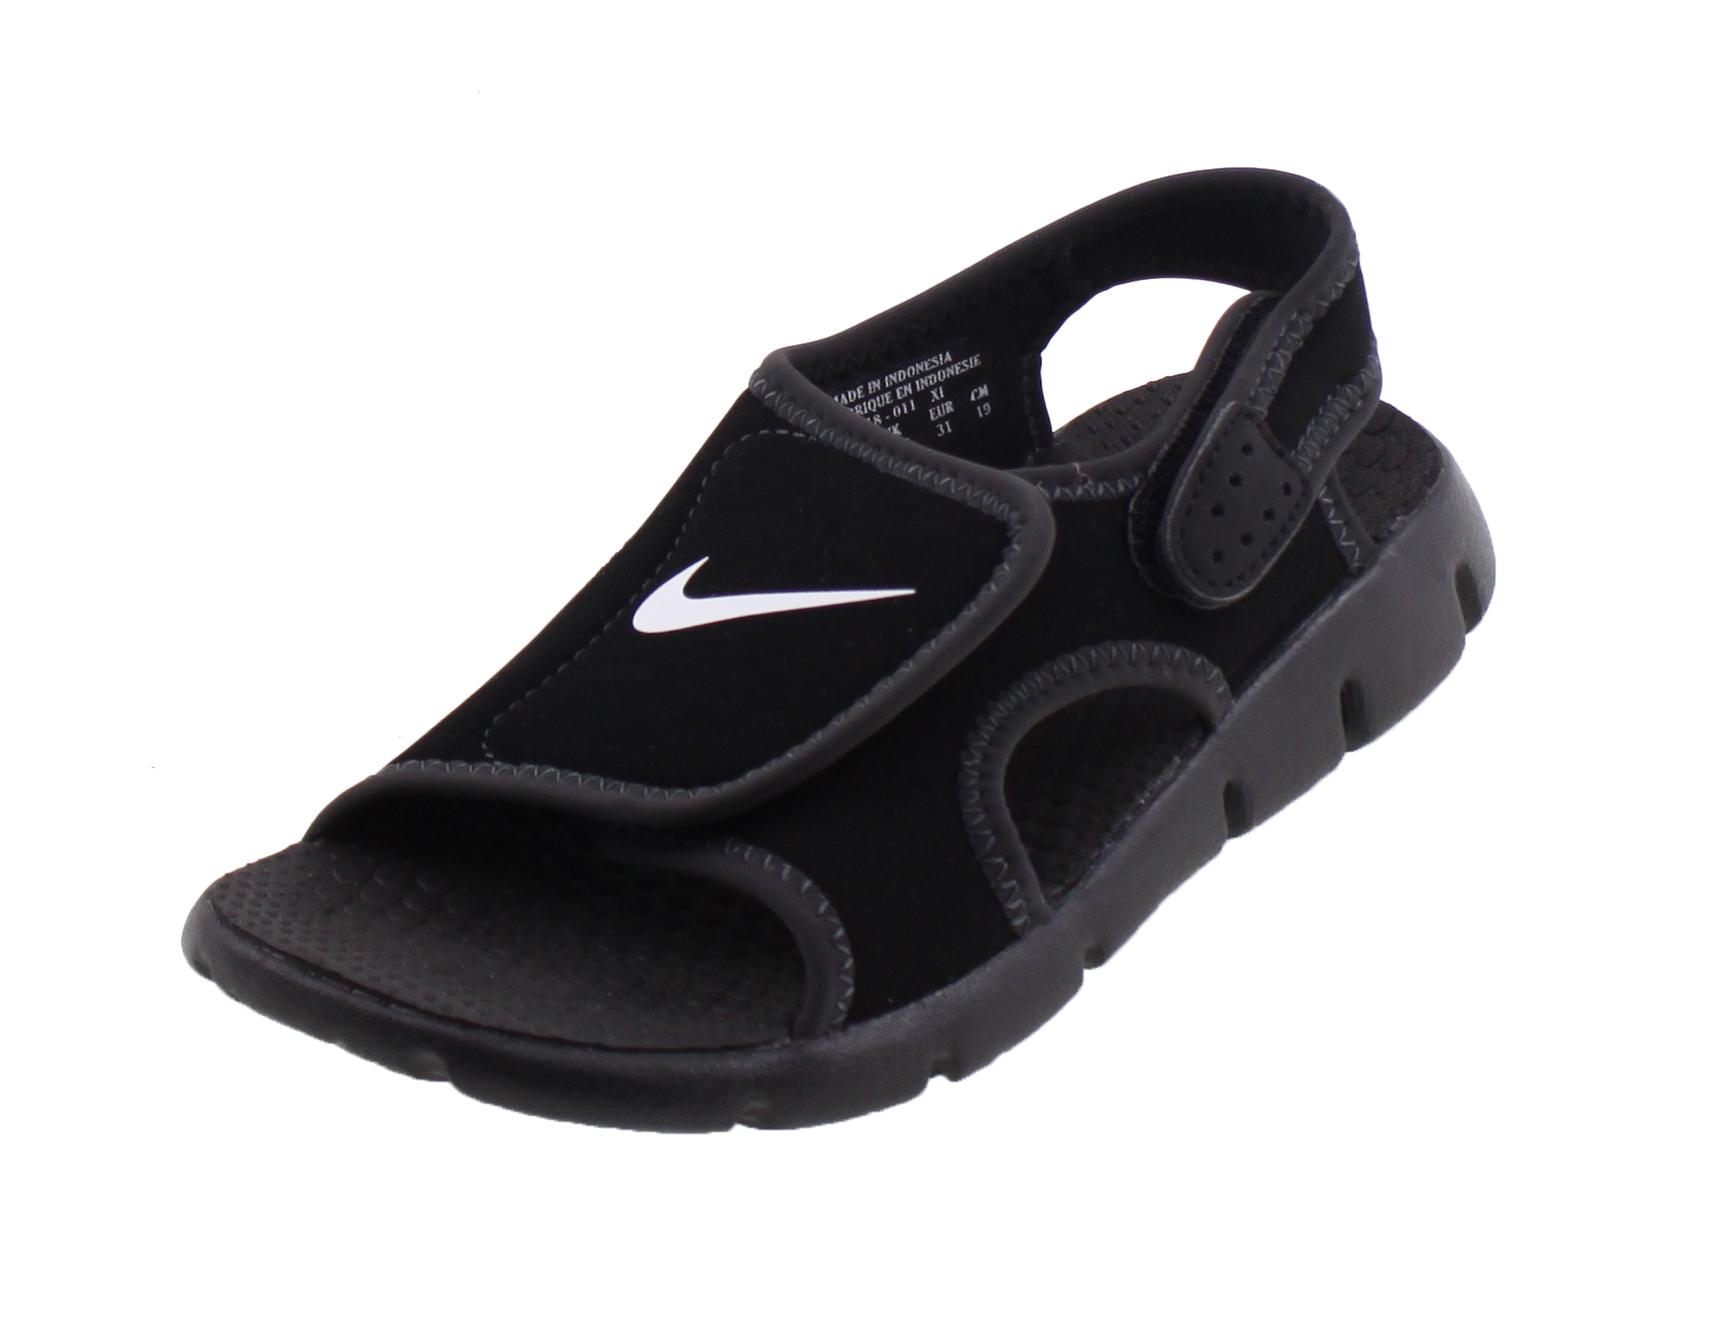 0d028bed157 Nike Sunray adjust 4 Sandalen ZWART online kopen bij Sportpaleis.